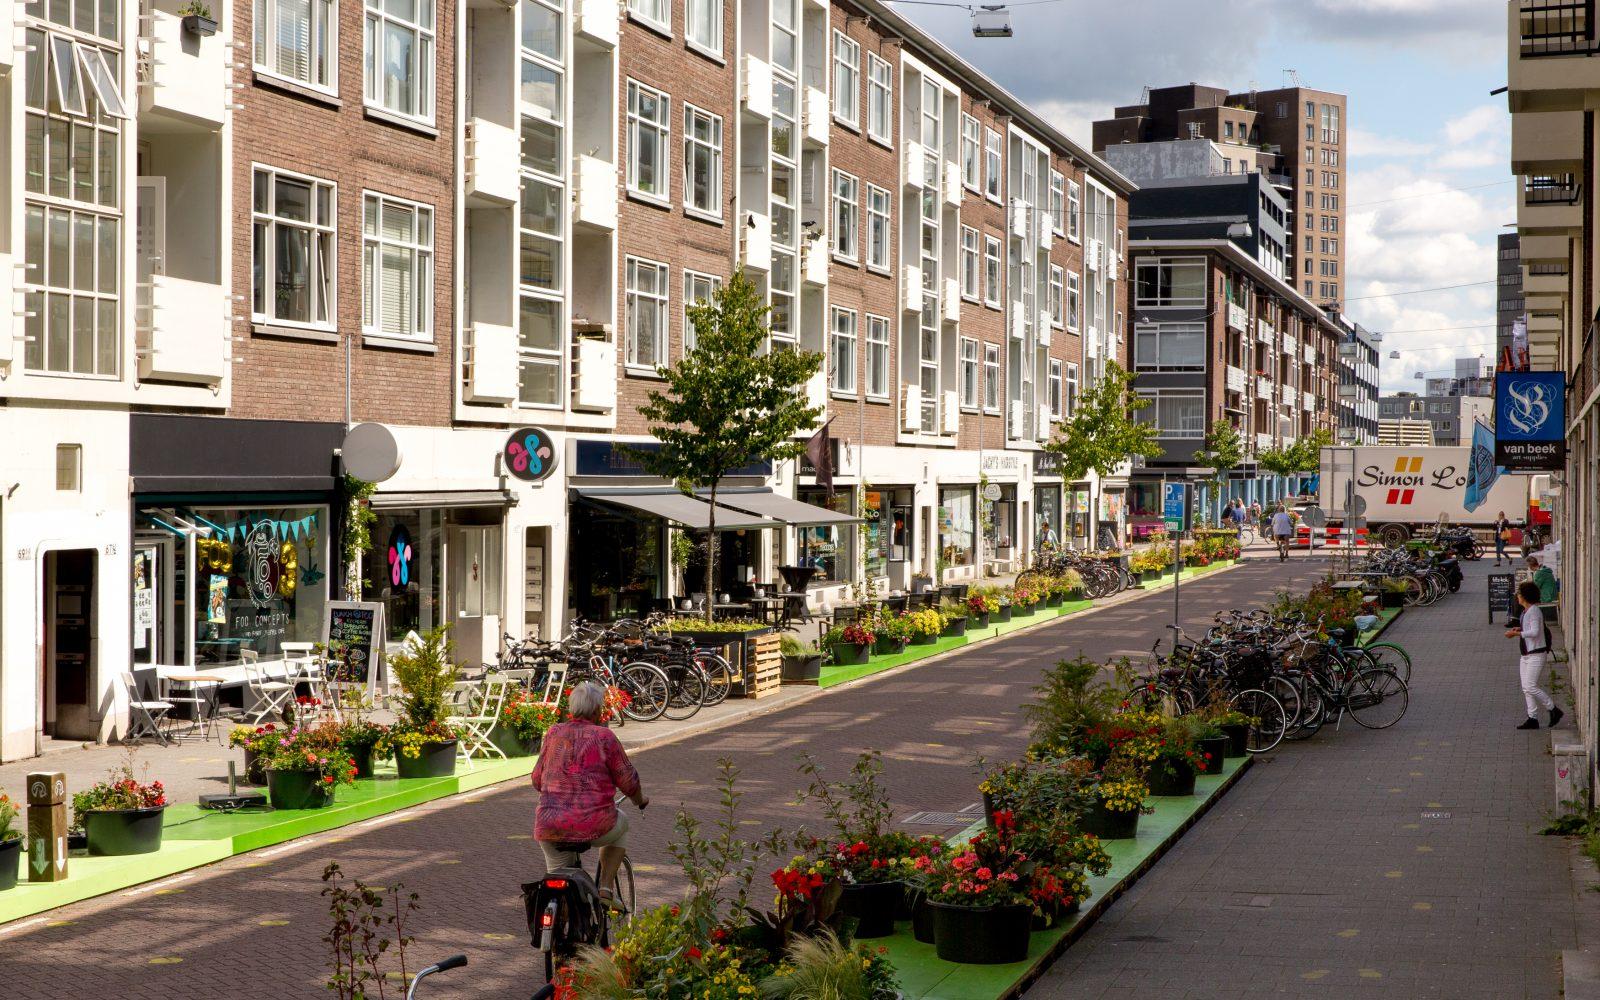 De Hoogstraat is open een project van o.a. Sanne van MVRDV